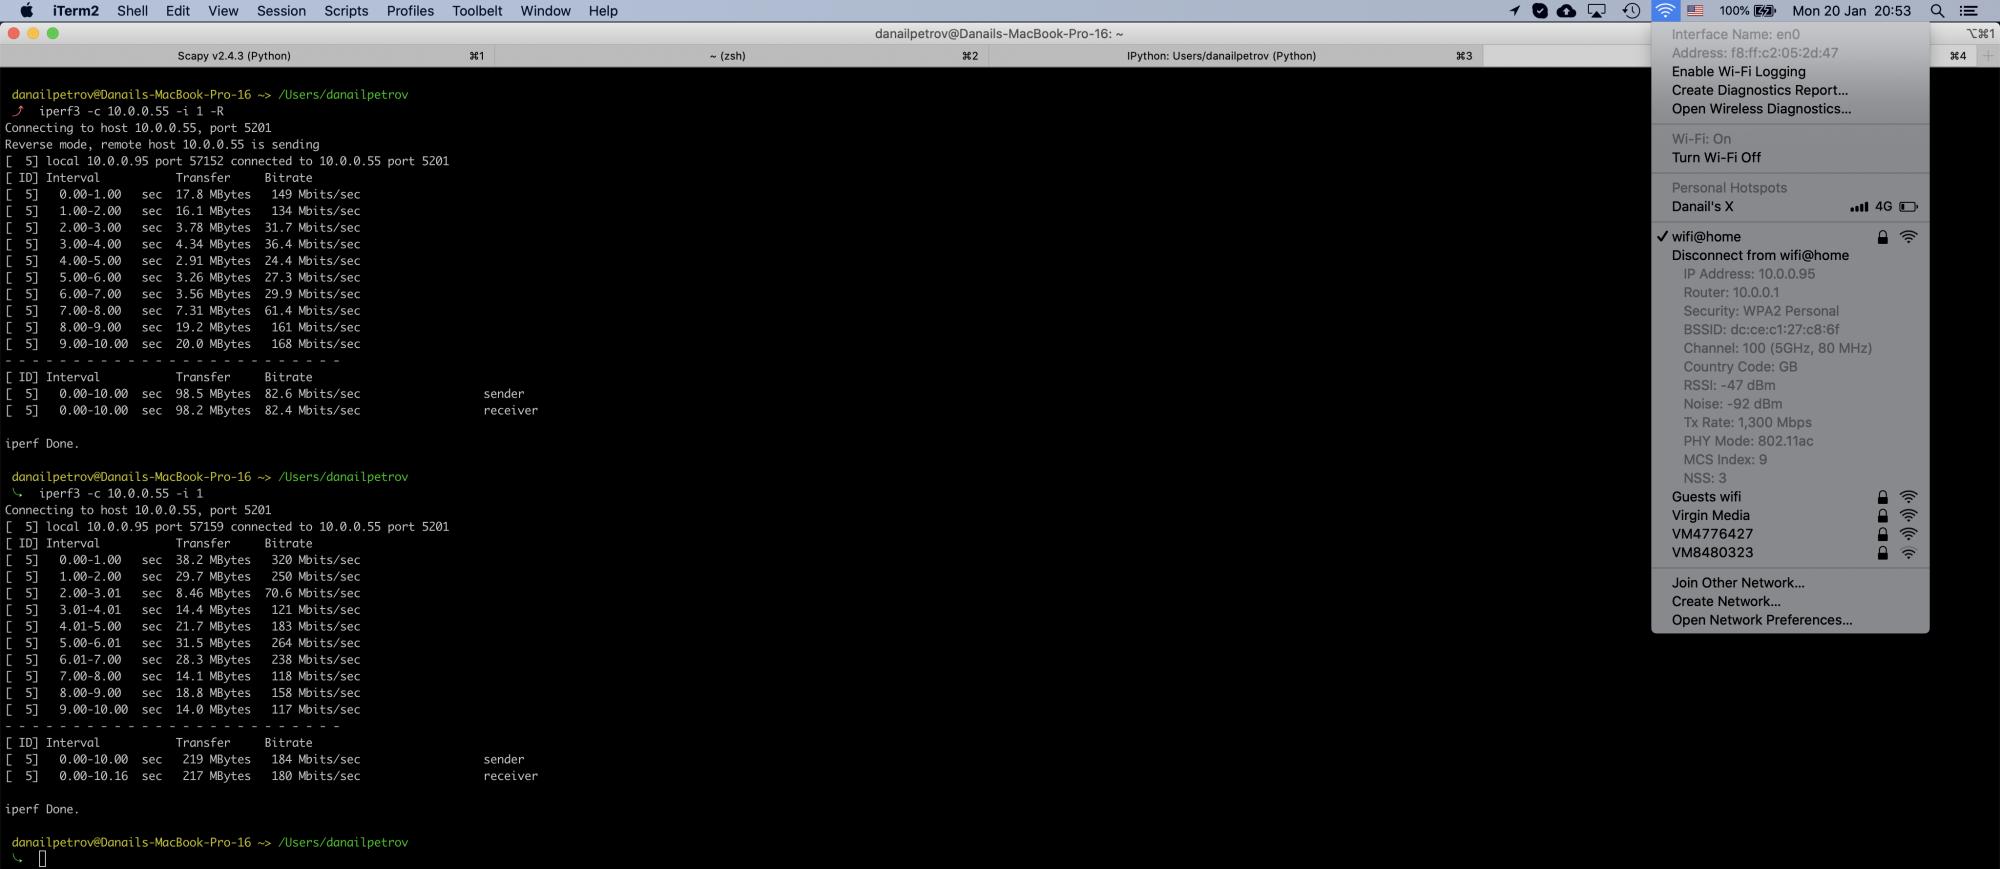 Screenshot 2020-01-20 at 20.53.26.png